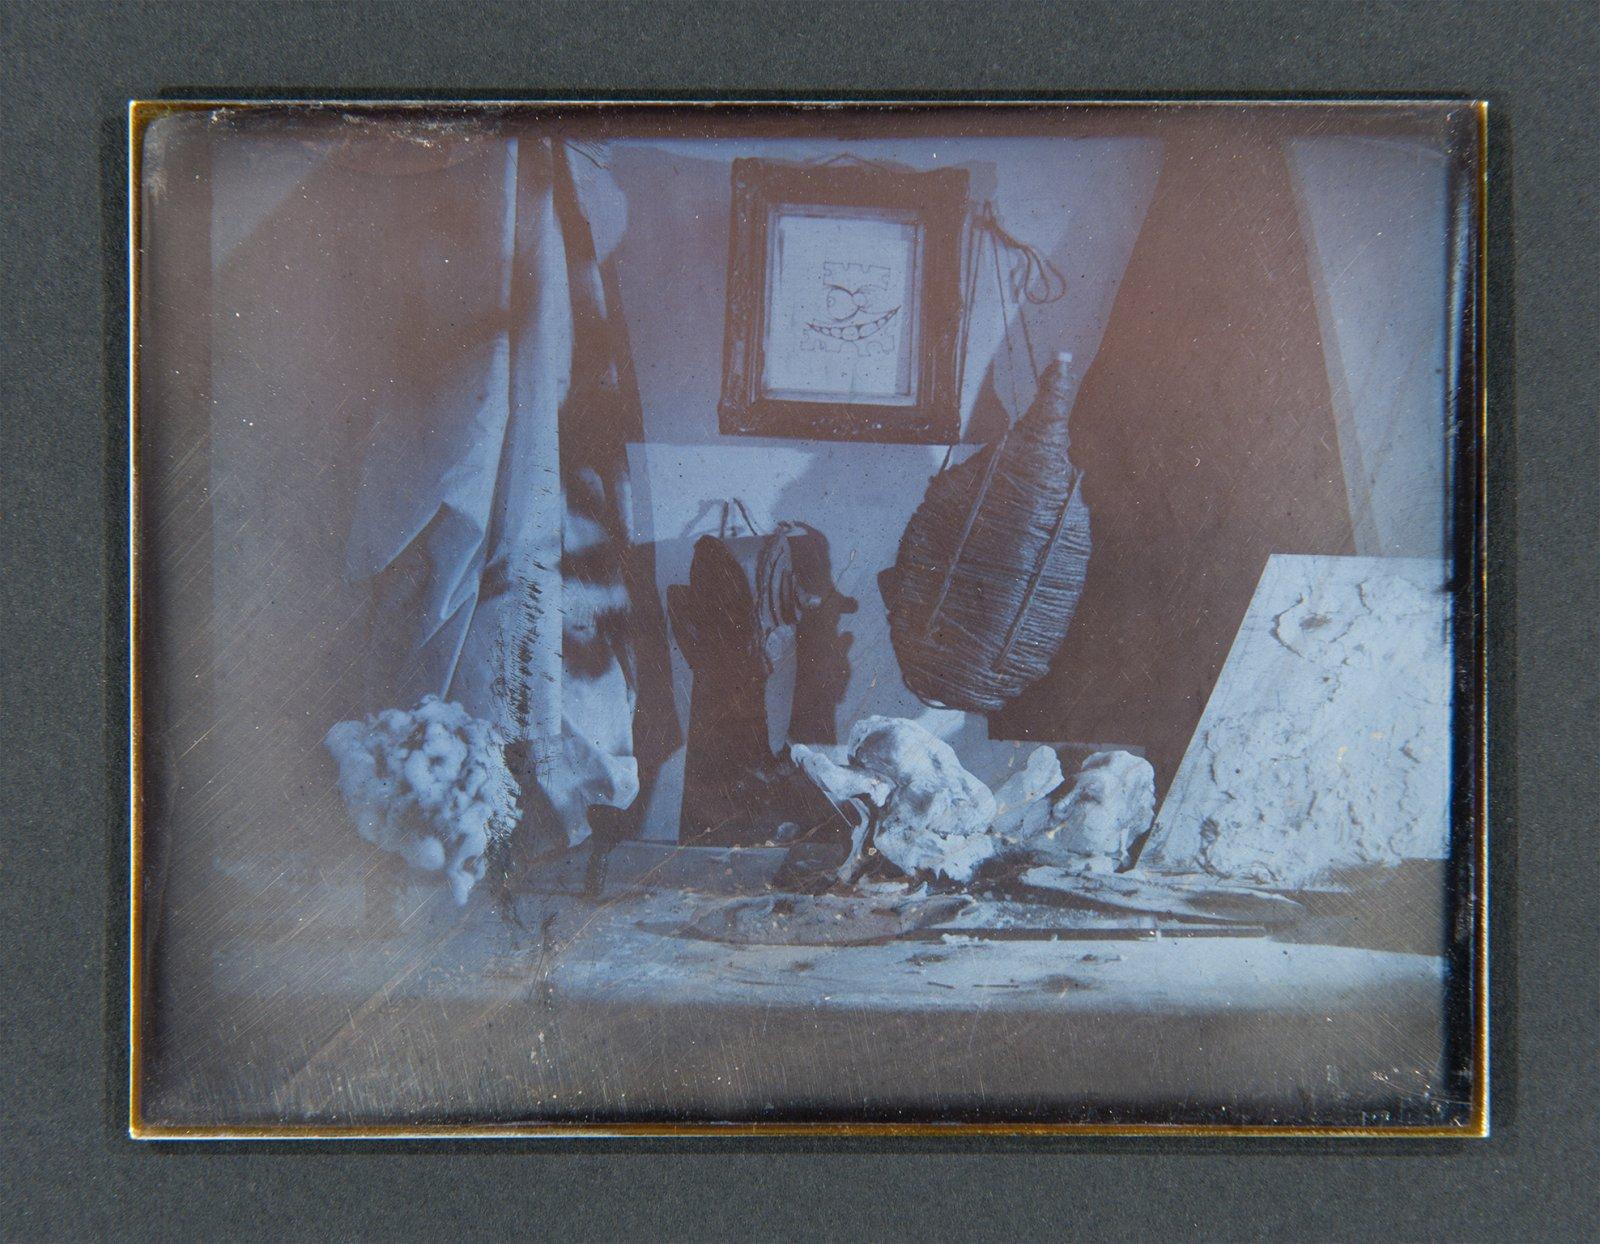 Julia Feyrer,Studio 1, 2 & 3fromThe artist's studio(detail), 2010, Becquerel Daguerreotypes on silver coated brass, 7 x 21 x 2 in. (19 x 54 x 2 cm), each daguerreotype: 3 x 4 in. (9 x 11 cm)